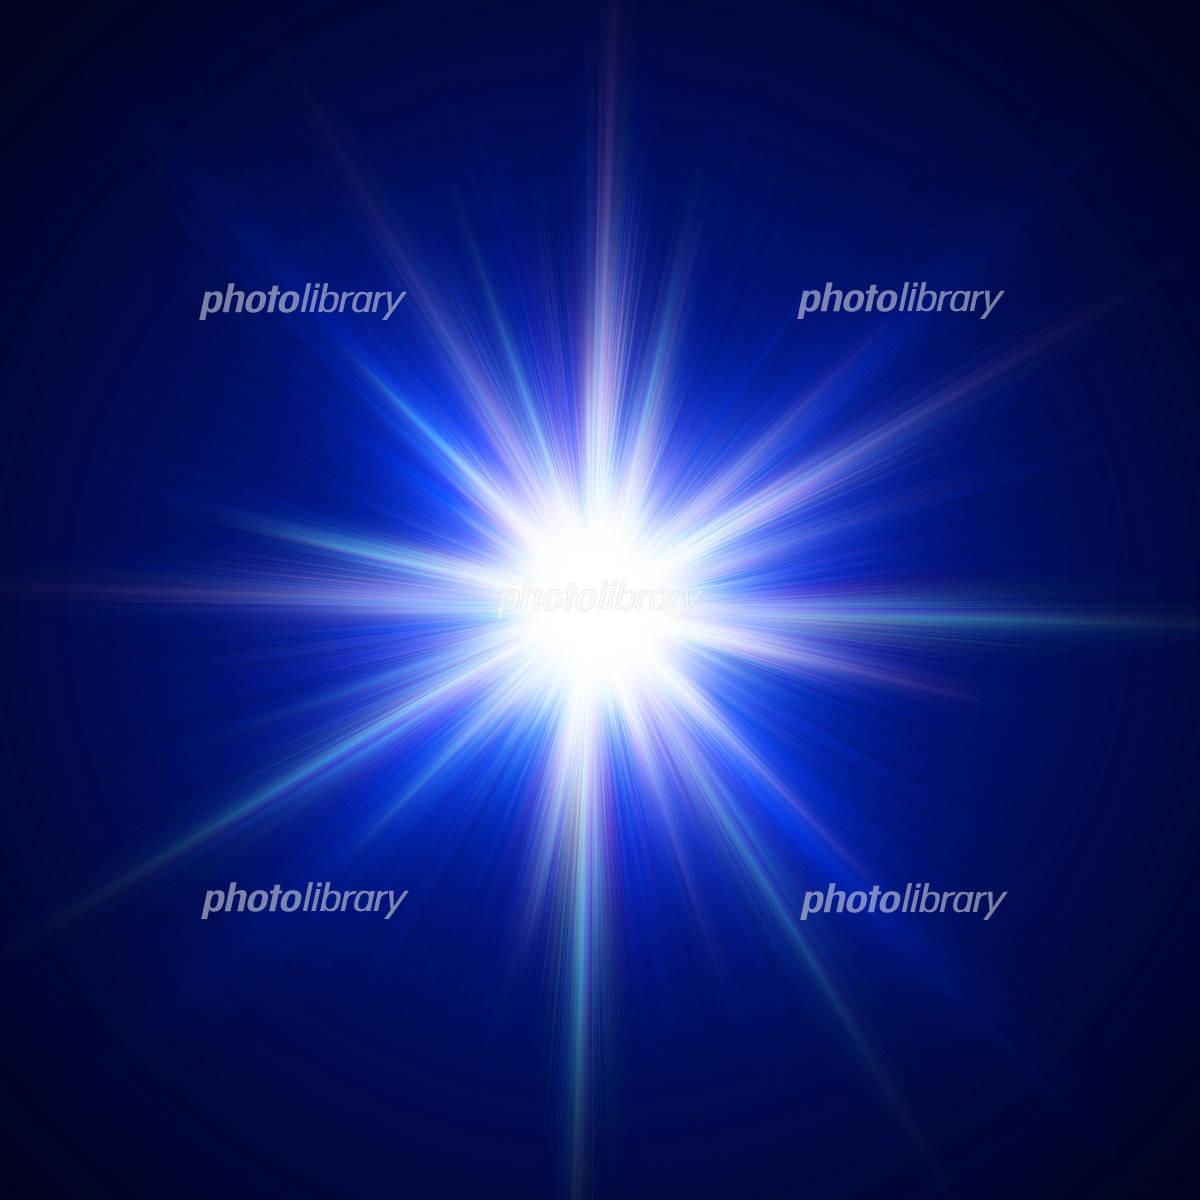 光 写真素材 光 - イラスト素材 ID:1281005